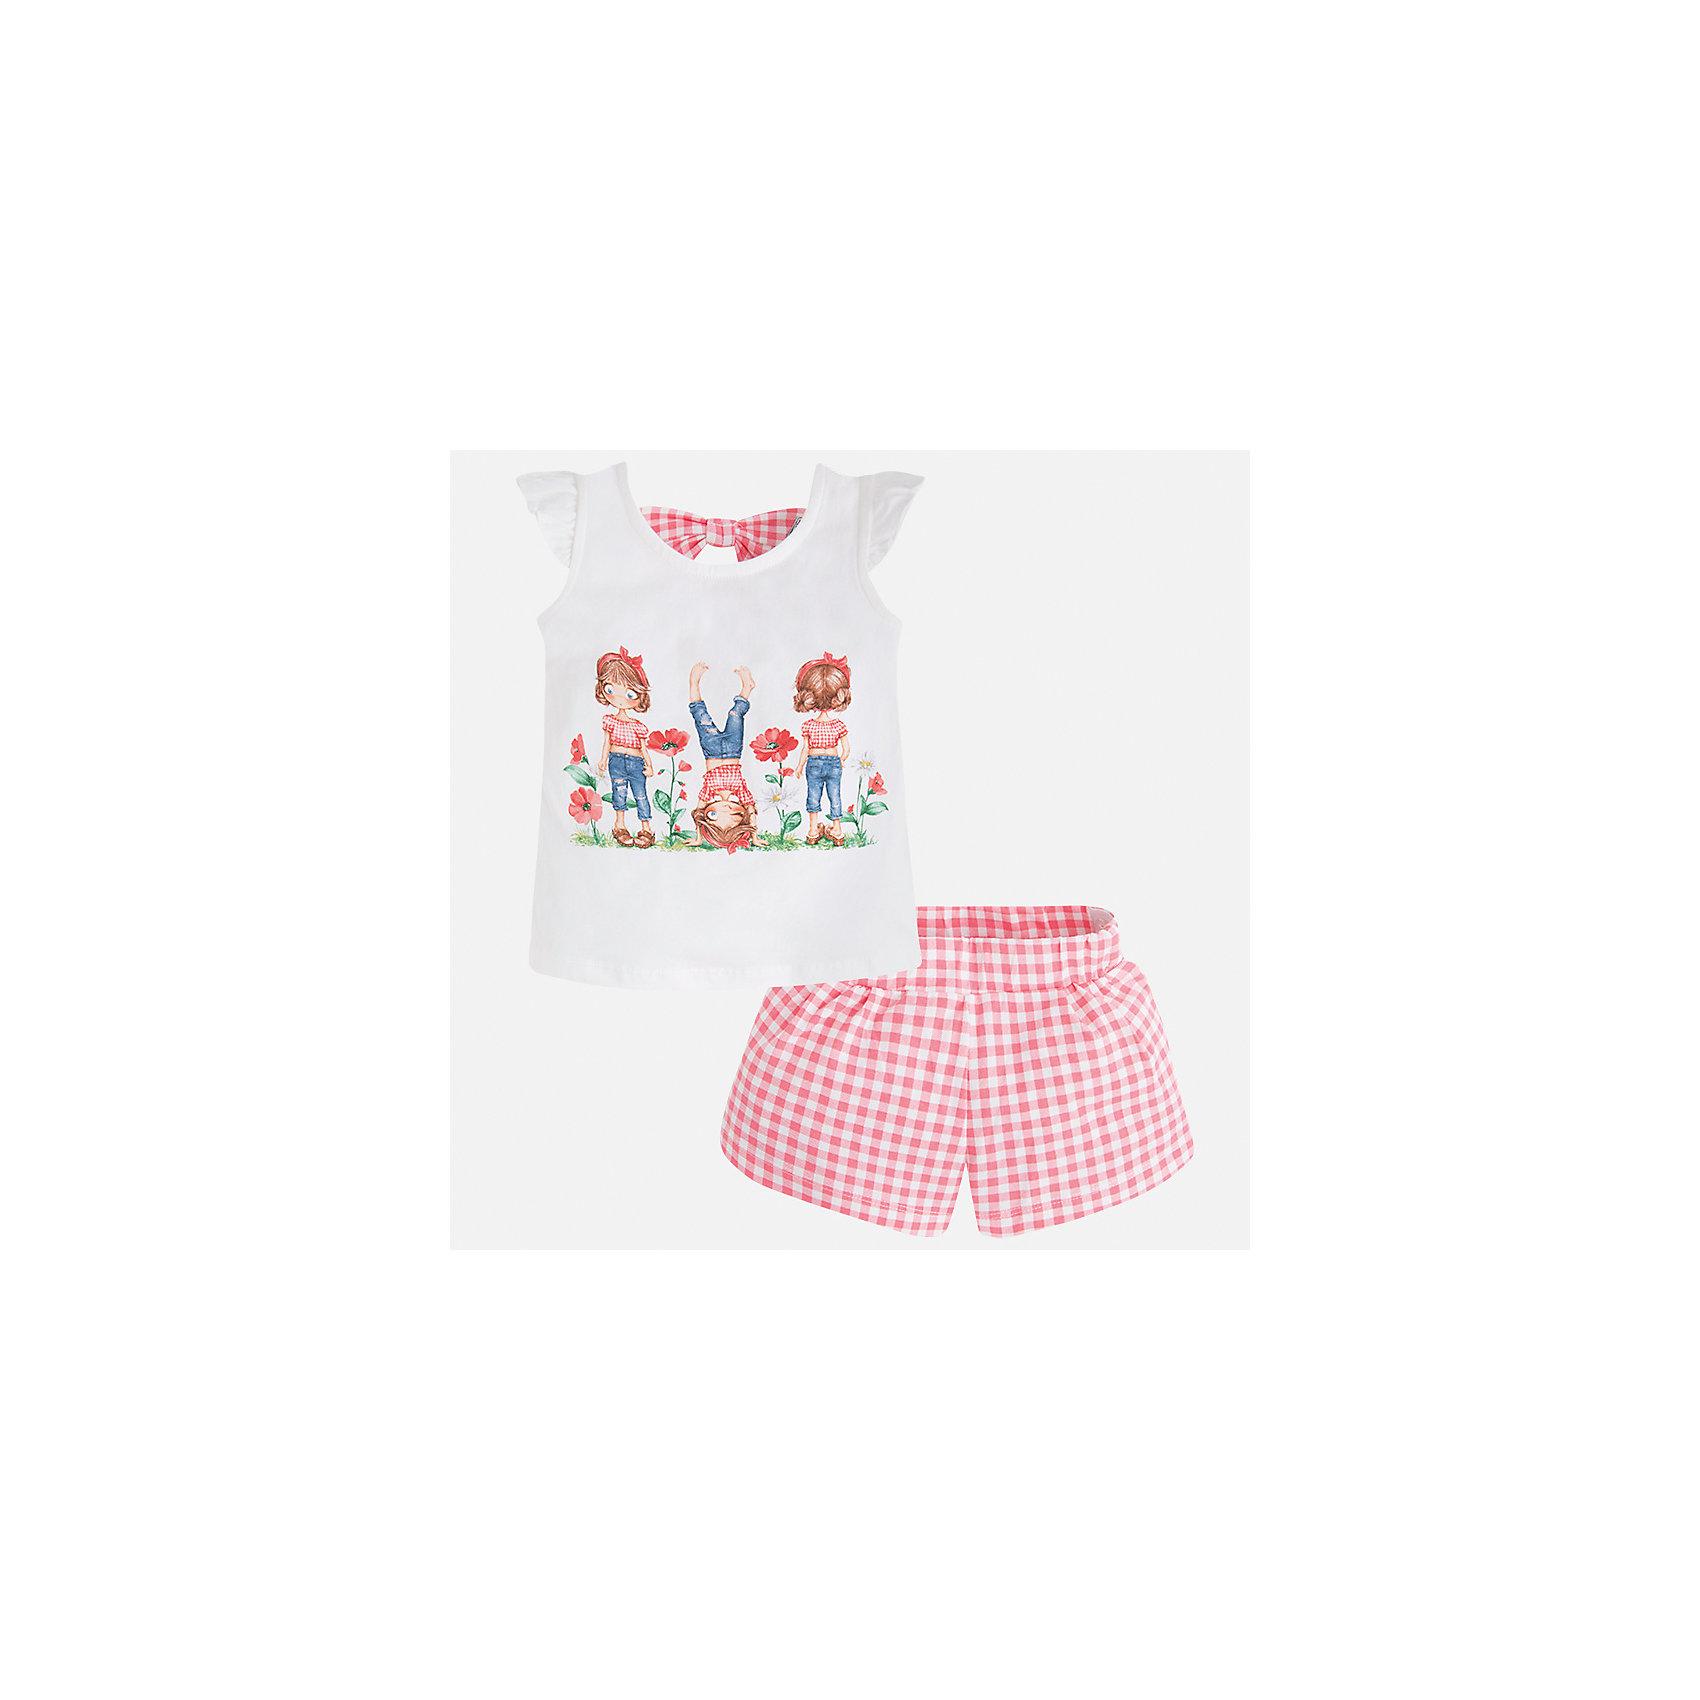 Комплект: футболка и шорты для девочки MayoralХарактеристики товара:<br><br>• цвет: белый/красный<br>• состав: 95% хлопок, 5% эластан<br>• комплектация: футболка, шорты<br>• футболка декорирована принтом<br>• шорты в клетку<br>• пояс на резинке<br>• страна бренда: Испания<br><br>Стильный качественный комплект для девочки поможет разнообразить гардероб ребенка и удобно одеться в теплую погоду. Он отлично сочетается с другими предметами. Универсальный цвет позволяет подобрать к вещам верхнюю одежду практически любой расцветки. Интересная отделка модели делает её нарядной и оригинальной. В составе материала - натуральный хлопок, гипоаллергенный, приятный на ощупь, дышащий.<br><br>Одежда, обувь и аксессуары от испанского бренда Mayoral полюбились детям и взрослым по всему миру. Модели этой марки - стильные и удобные. Для их производства используются только безопасные, качественные материалы и фурнитура. Порадуйте ребенка модными и красивыми вещами от Mayoral! <br><br>Комплект для девочки от испанского бренда Mayoral (Майорал) можно купить в нашем интернет-магазине.<br><br>Ширина мм: 191<br>Глубина мм: 10<br>Высота мм: 175<br>Вес г: 273<br>Цвет: оранжевый<br>Возраст от месяцев: 84<br>Возраст до месяцев: 96<br>Пол: Женский<br>Возраст: Детский<br>Размер: 128,134,92,98,104,110,116,122<br>SKU: 5289857